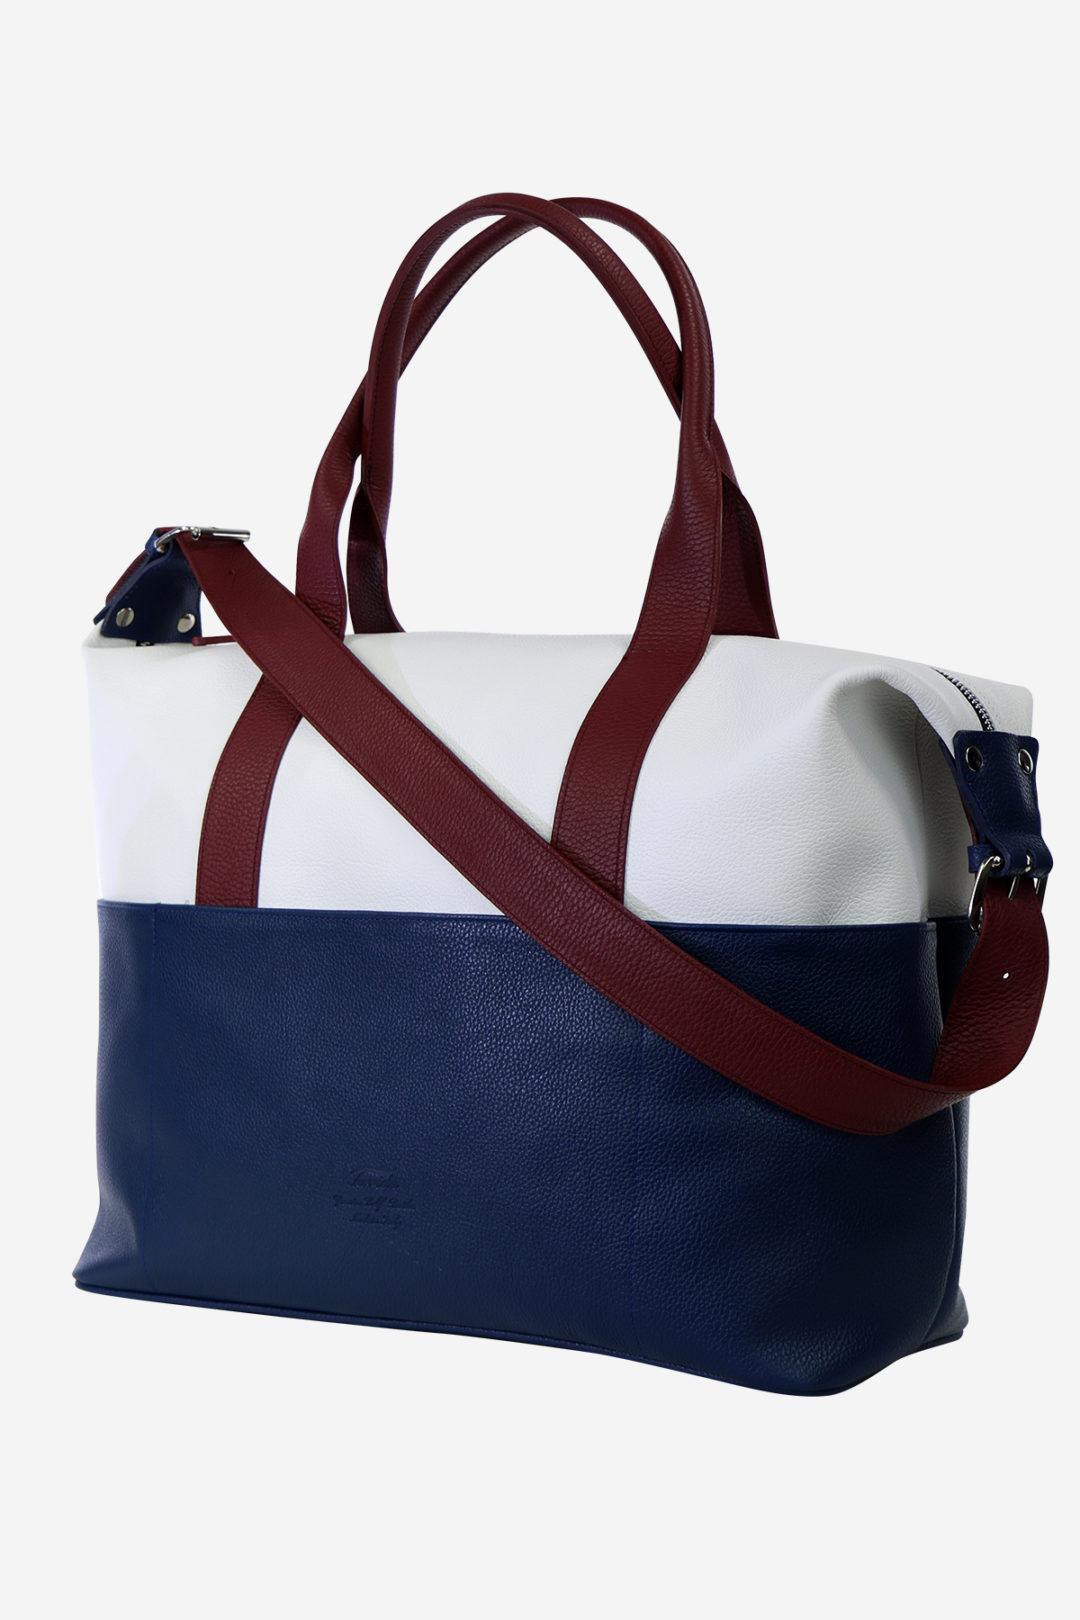 Antique Sport Bag handmade in italy genuine leather terrida venezia sport bag